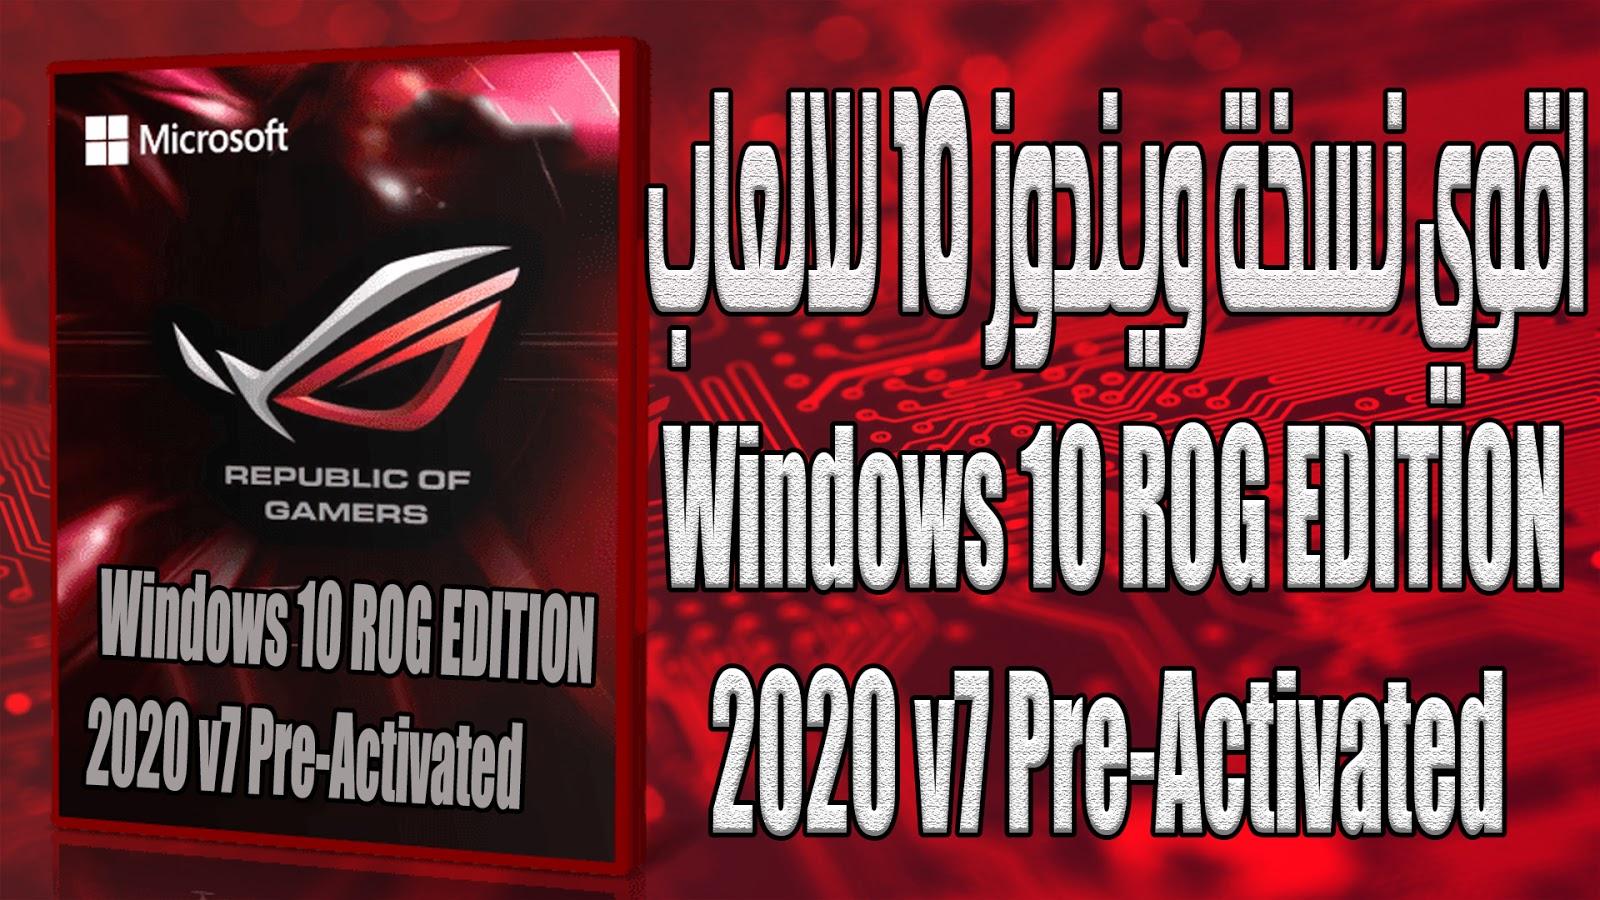 تحميل اقوي نسخة ويندوز 10 للالعاب - Windows 10 ROG EDITION 2020 v7 Pre-Activated